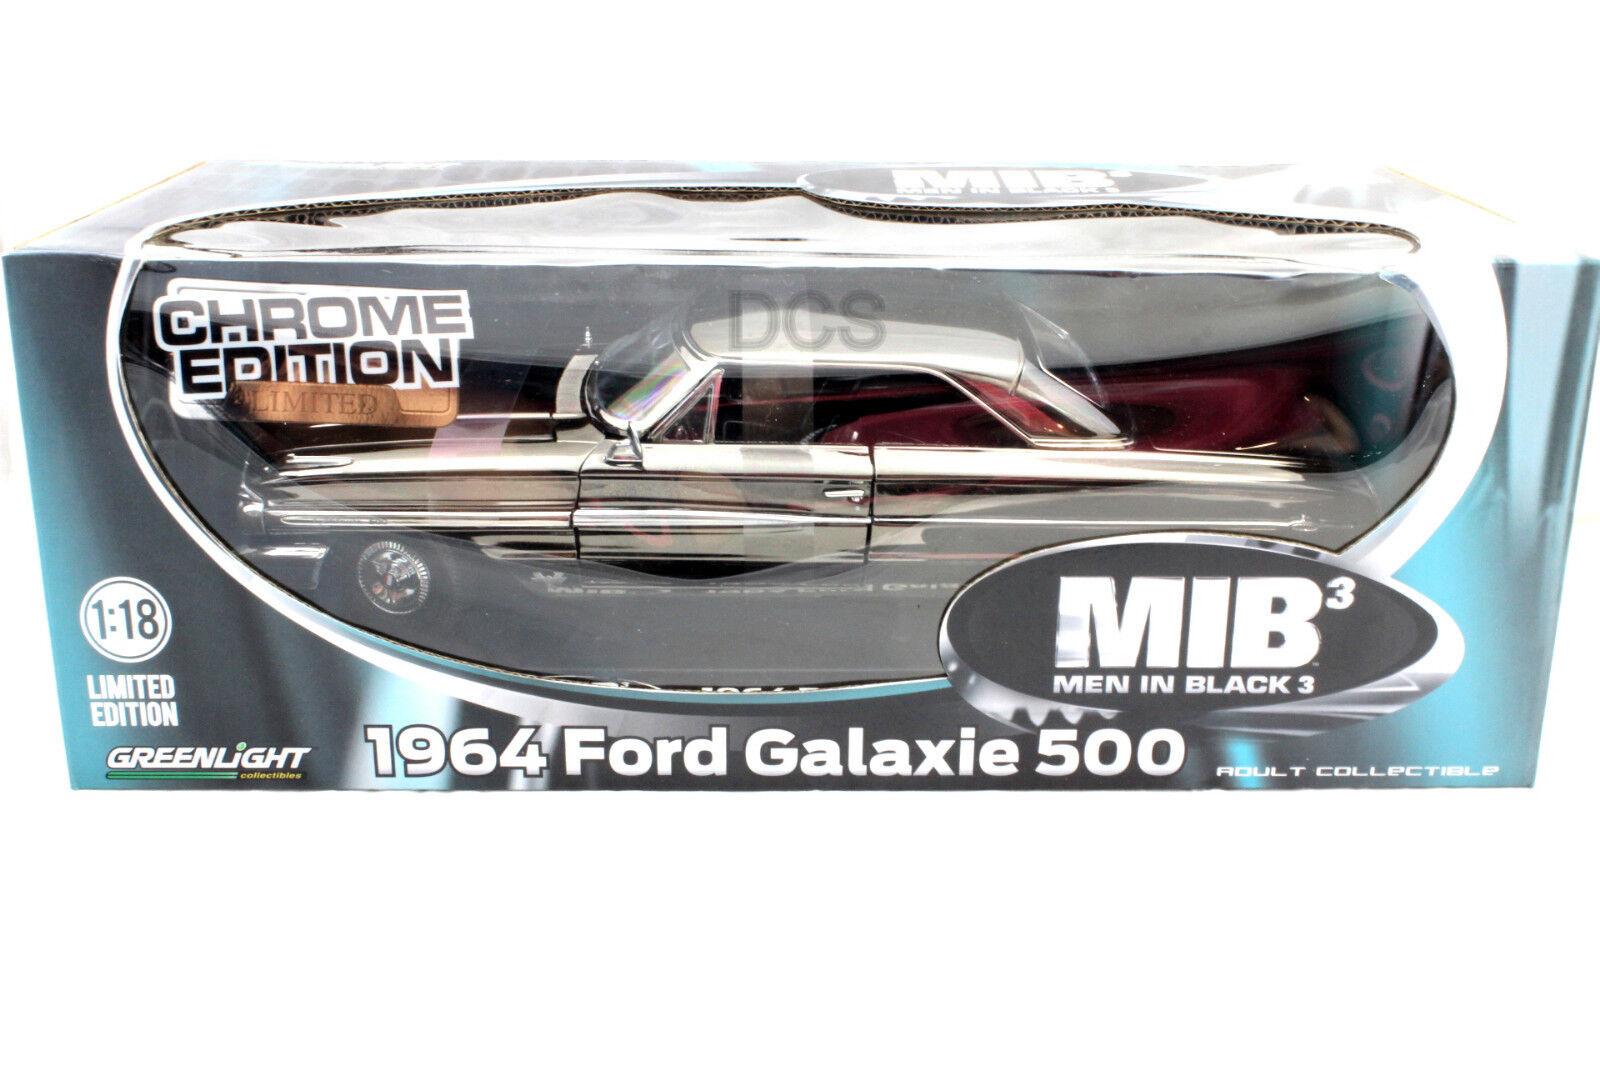 1964 Ford Galaxie 500 Mib de  Los uomo De nero 3  Movie Cromo 1 18 verdelight